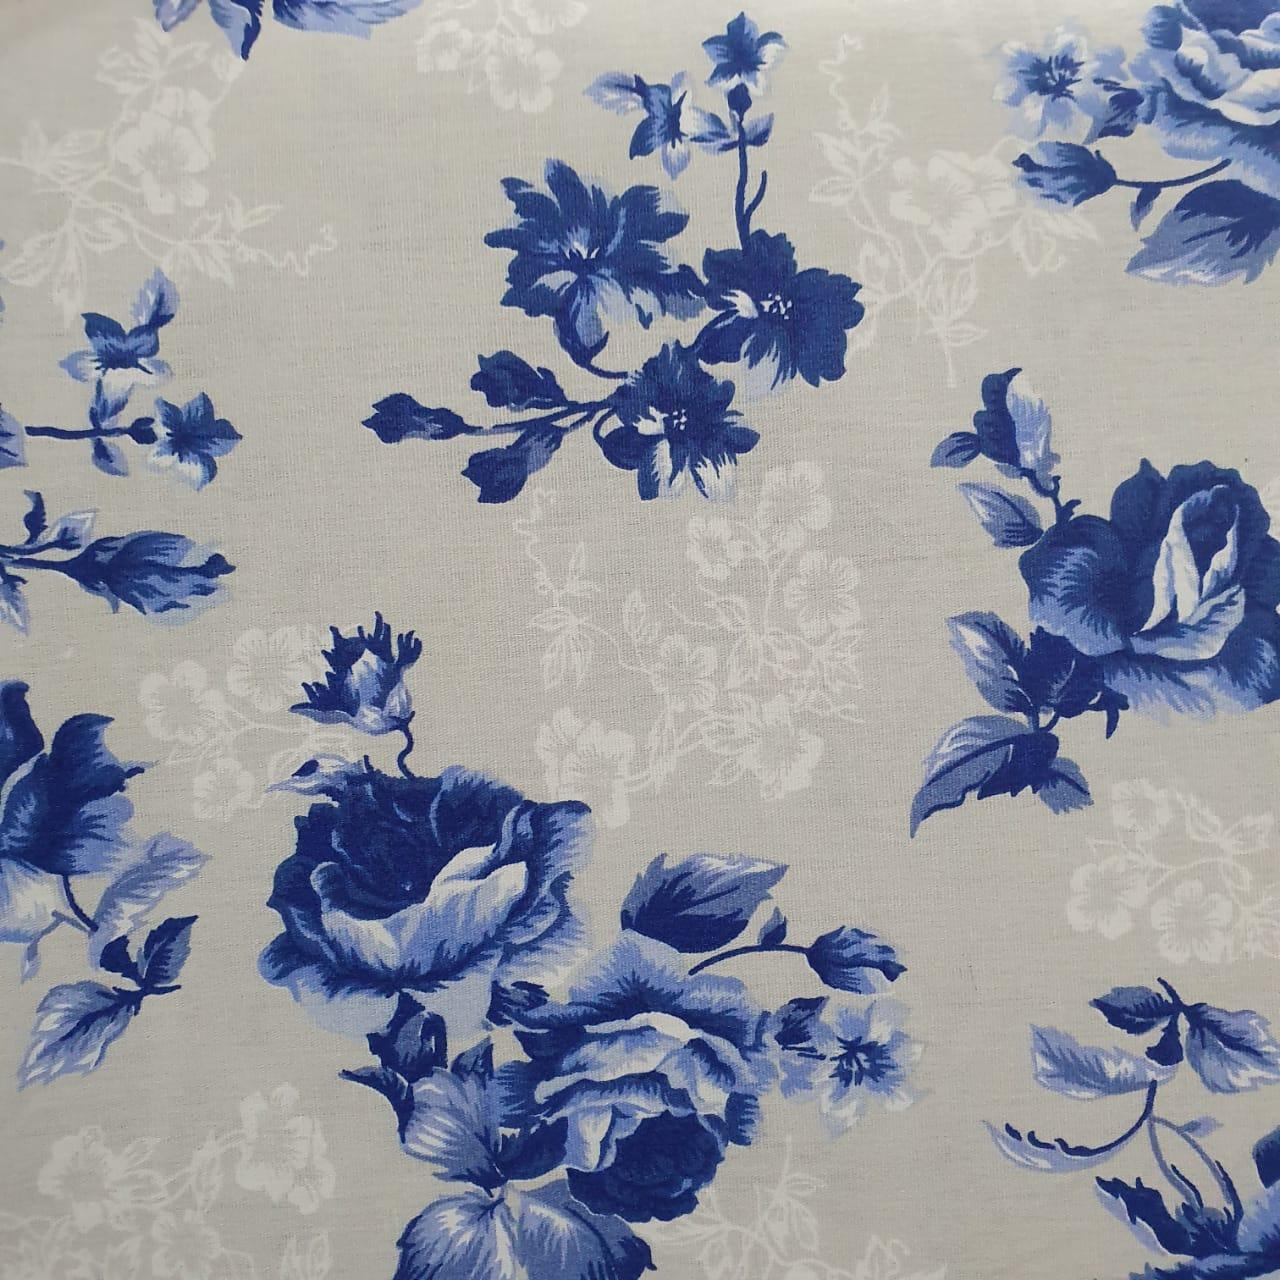 Floral Azul Fundo Cinza Of